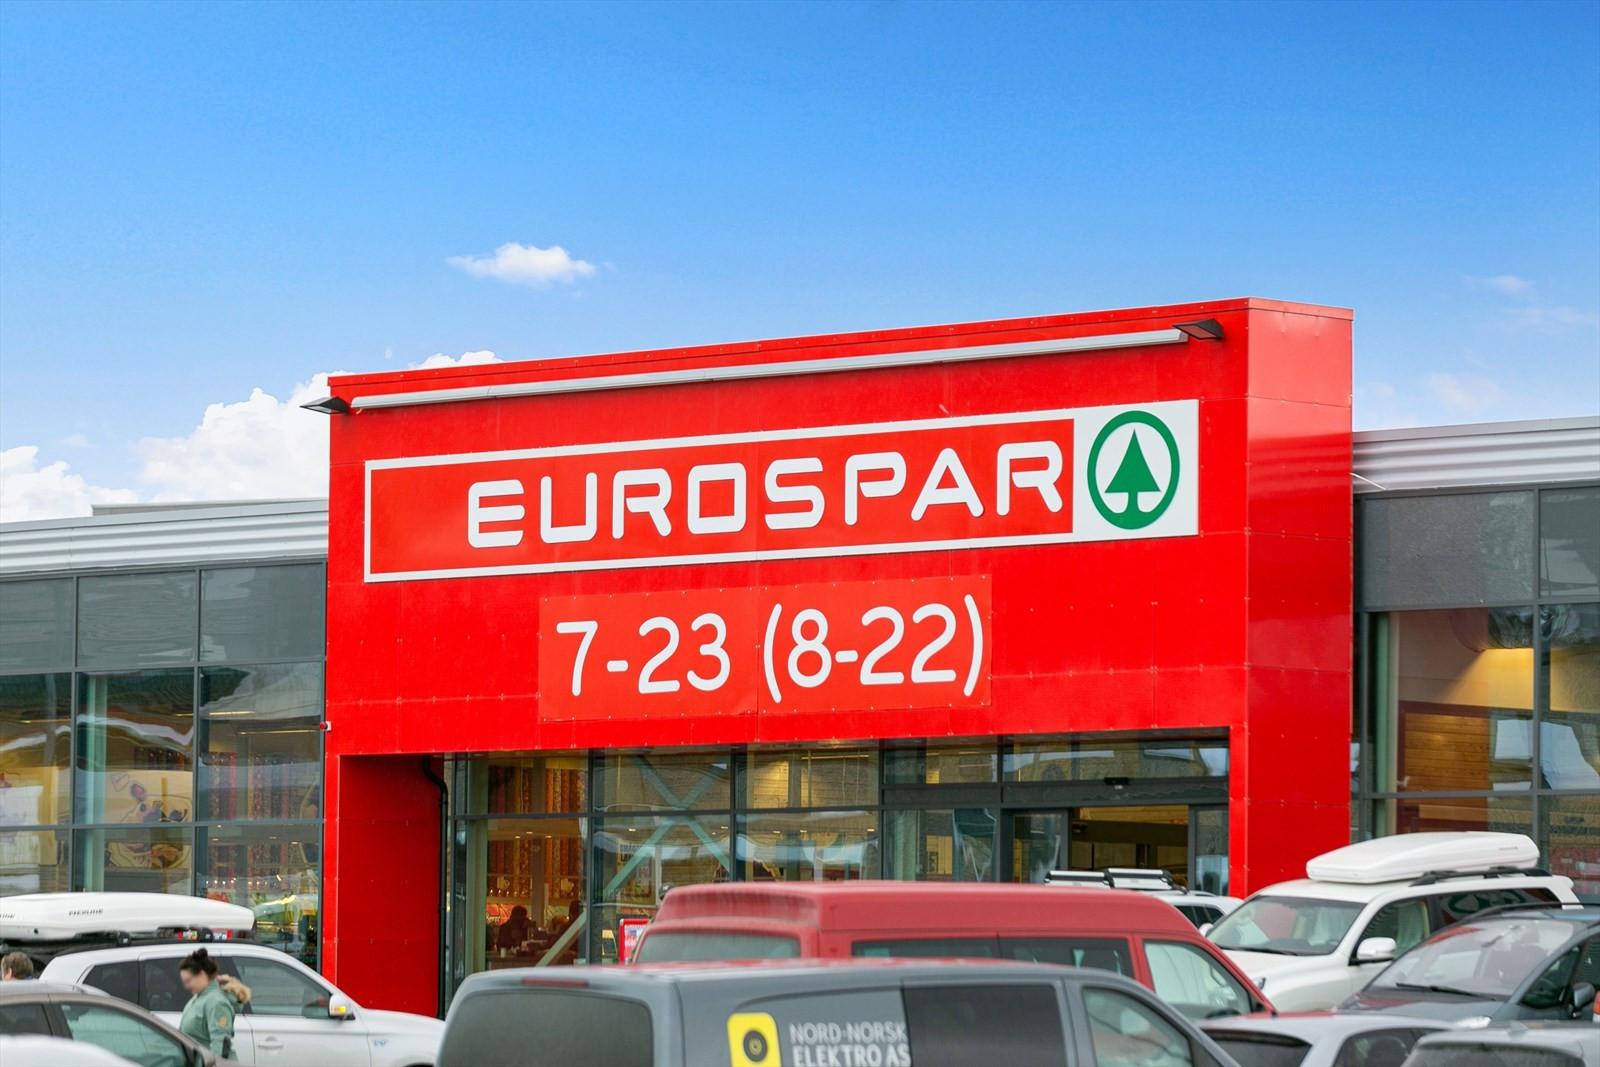 En av de lokale butikkene, Eurospar, med svært godt utvalg.